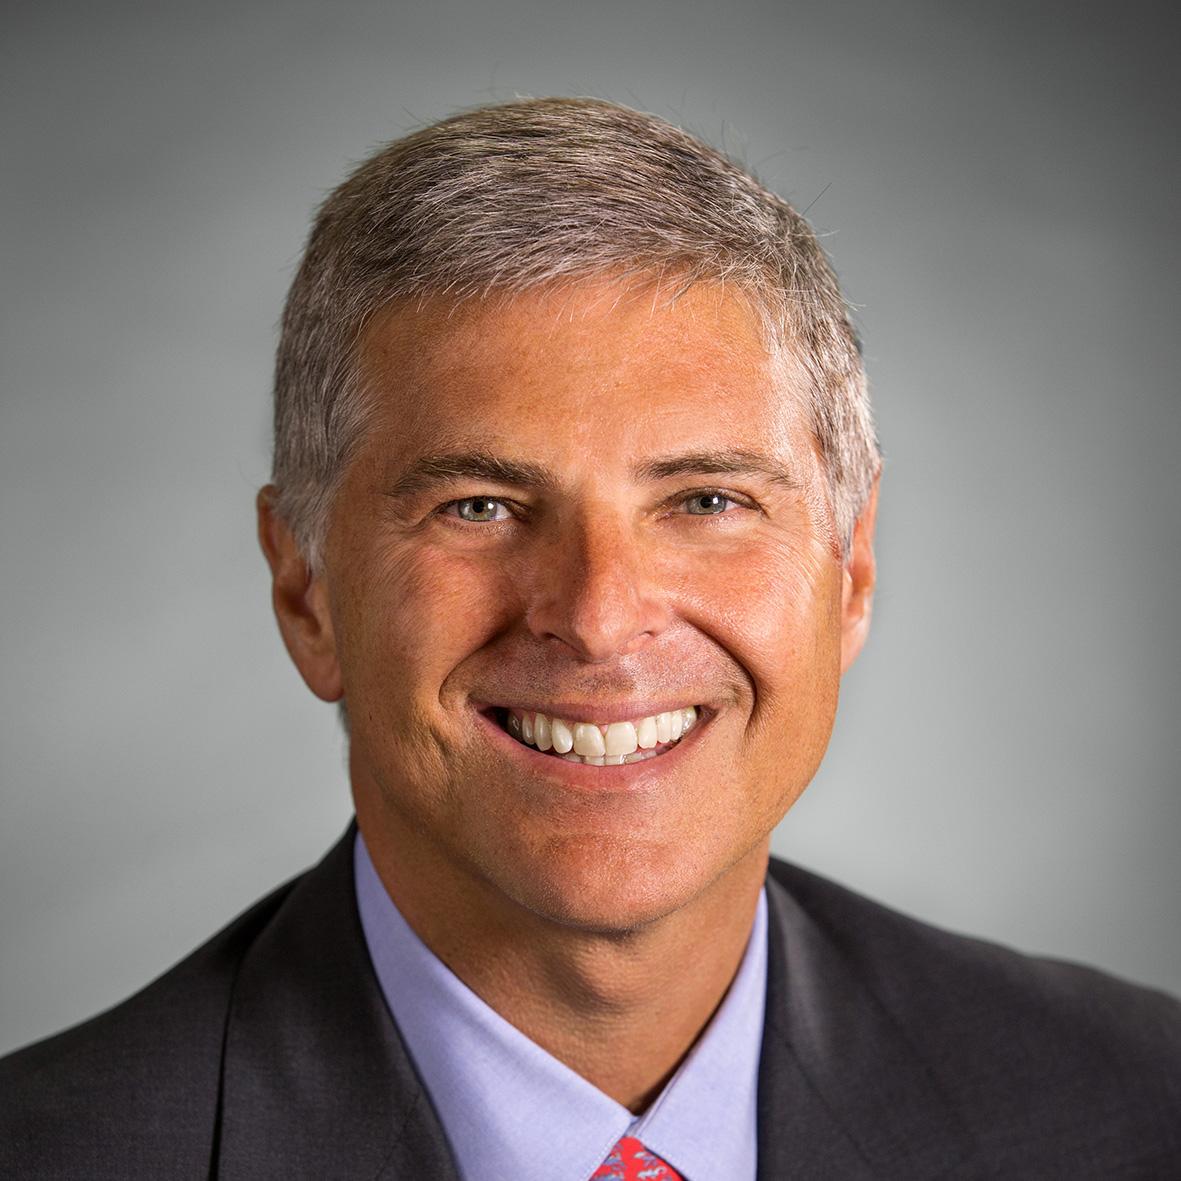 Chris Nassetta - President & CEO, Hilton